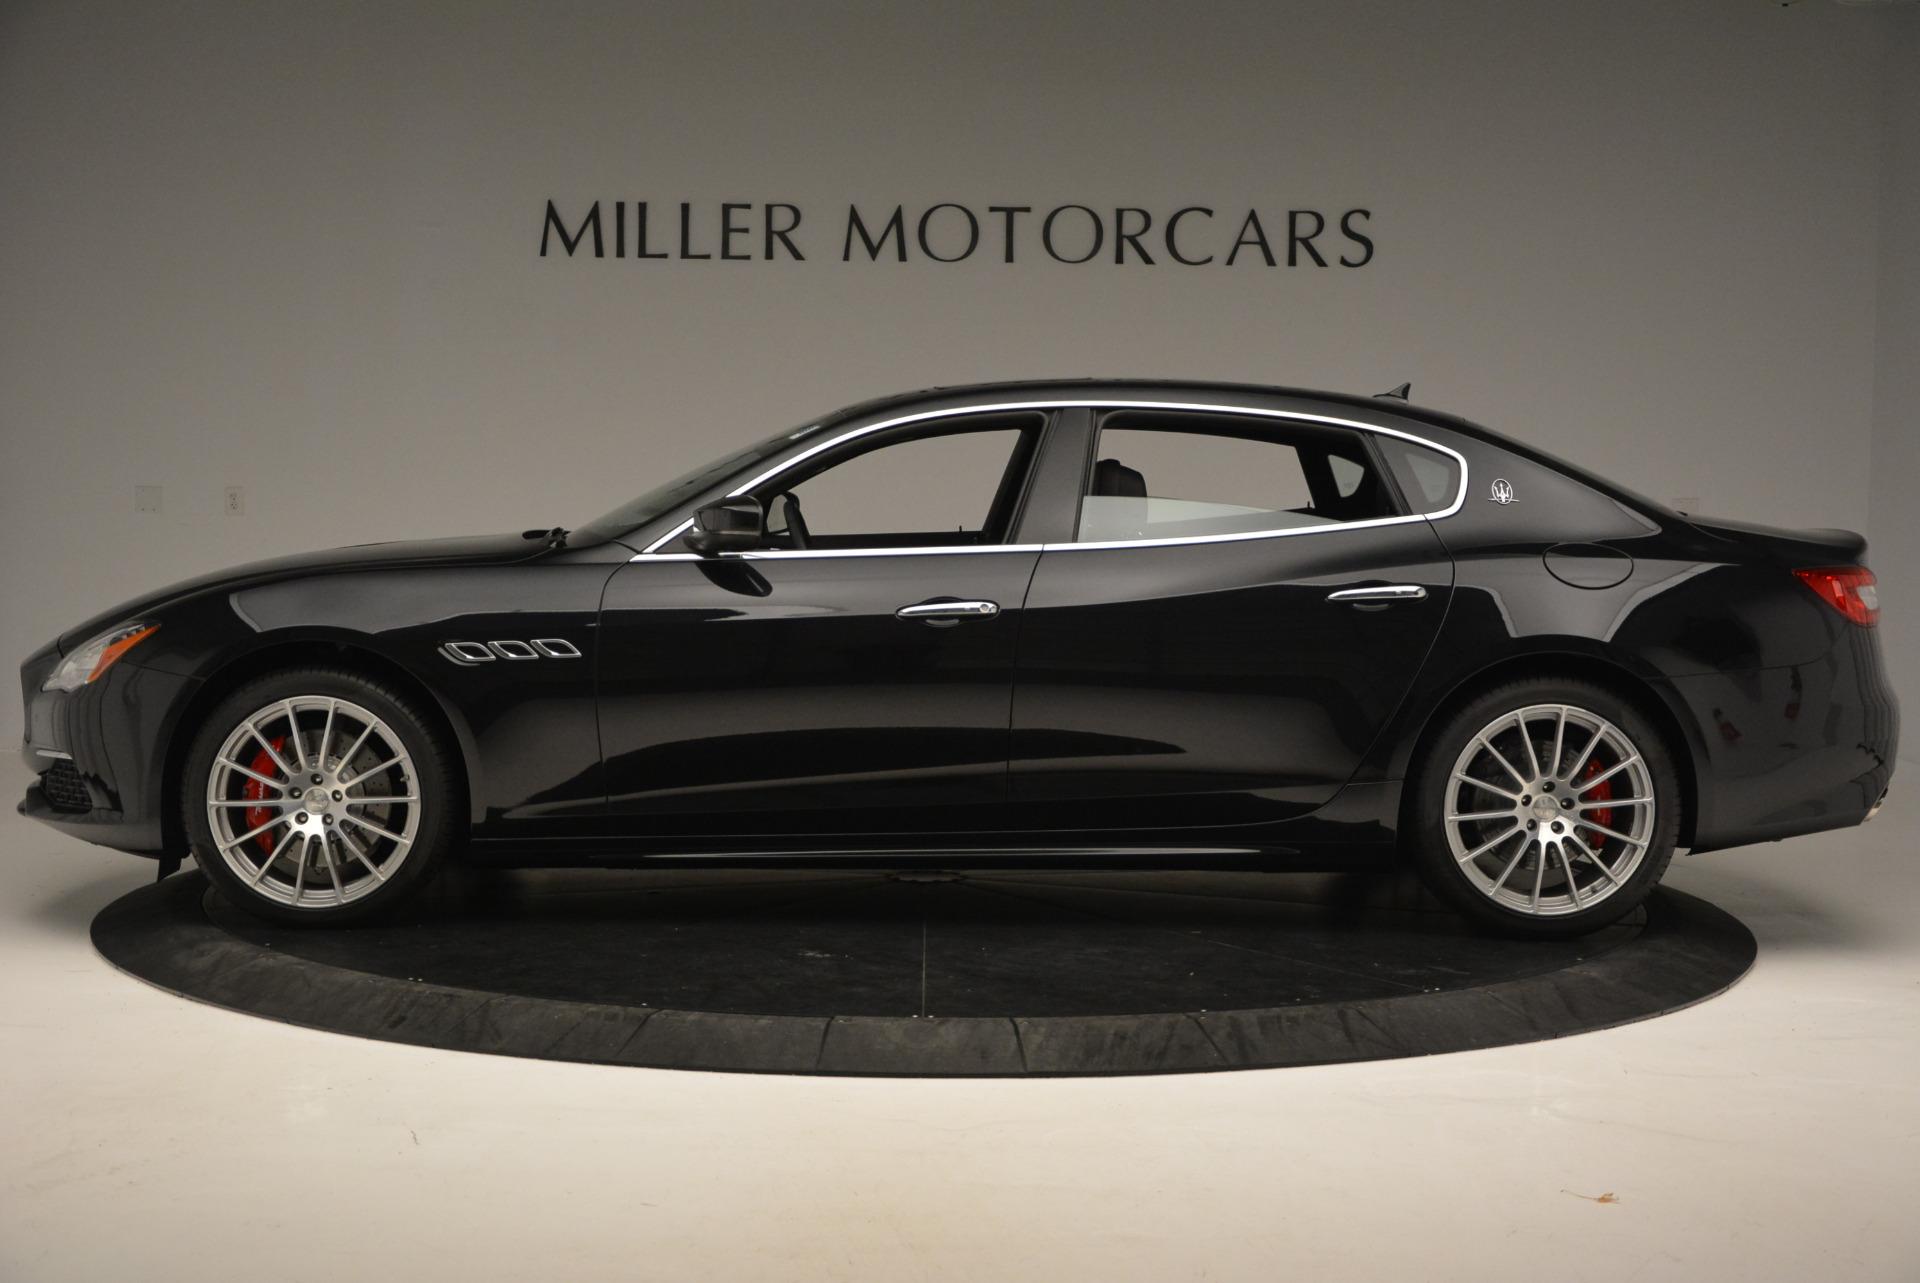 New 2017 Maserati Quattroporte S Q4 GranLusso For Sale In Westport, CT 601_p3